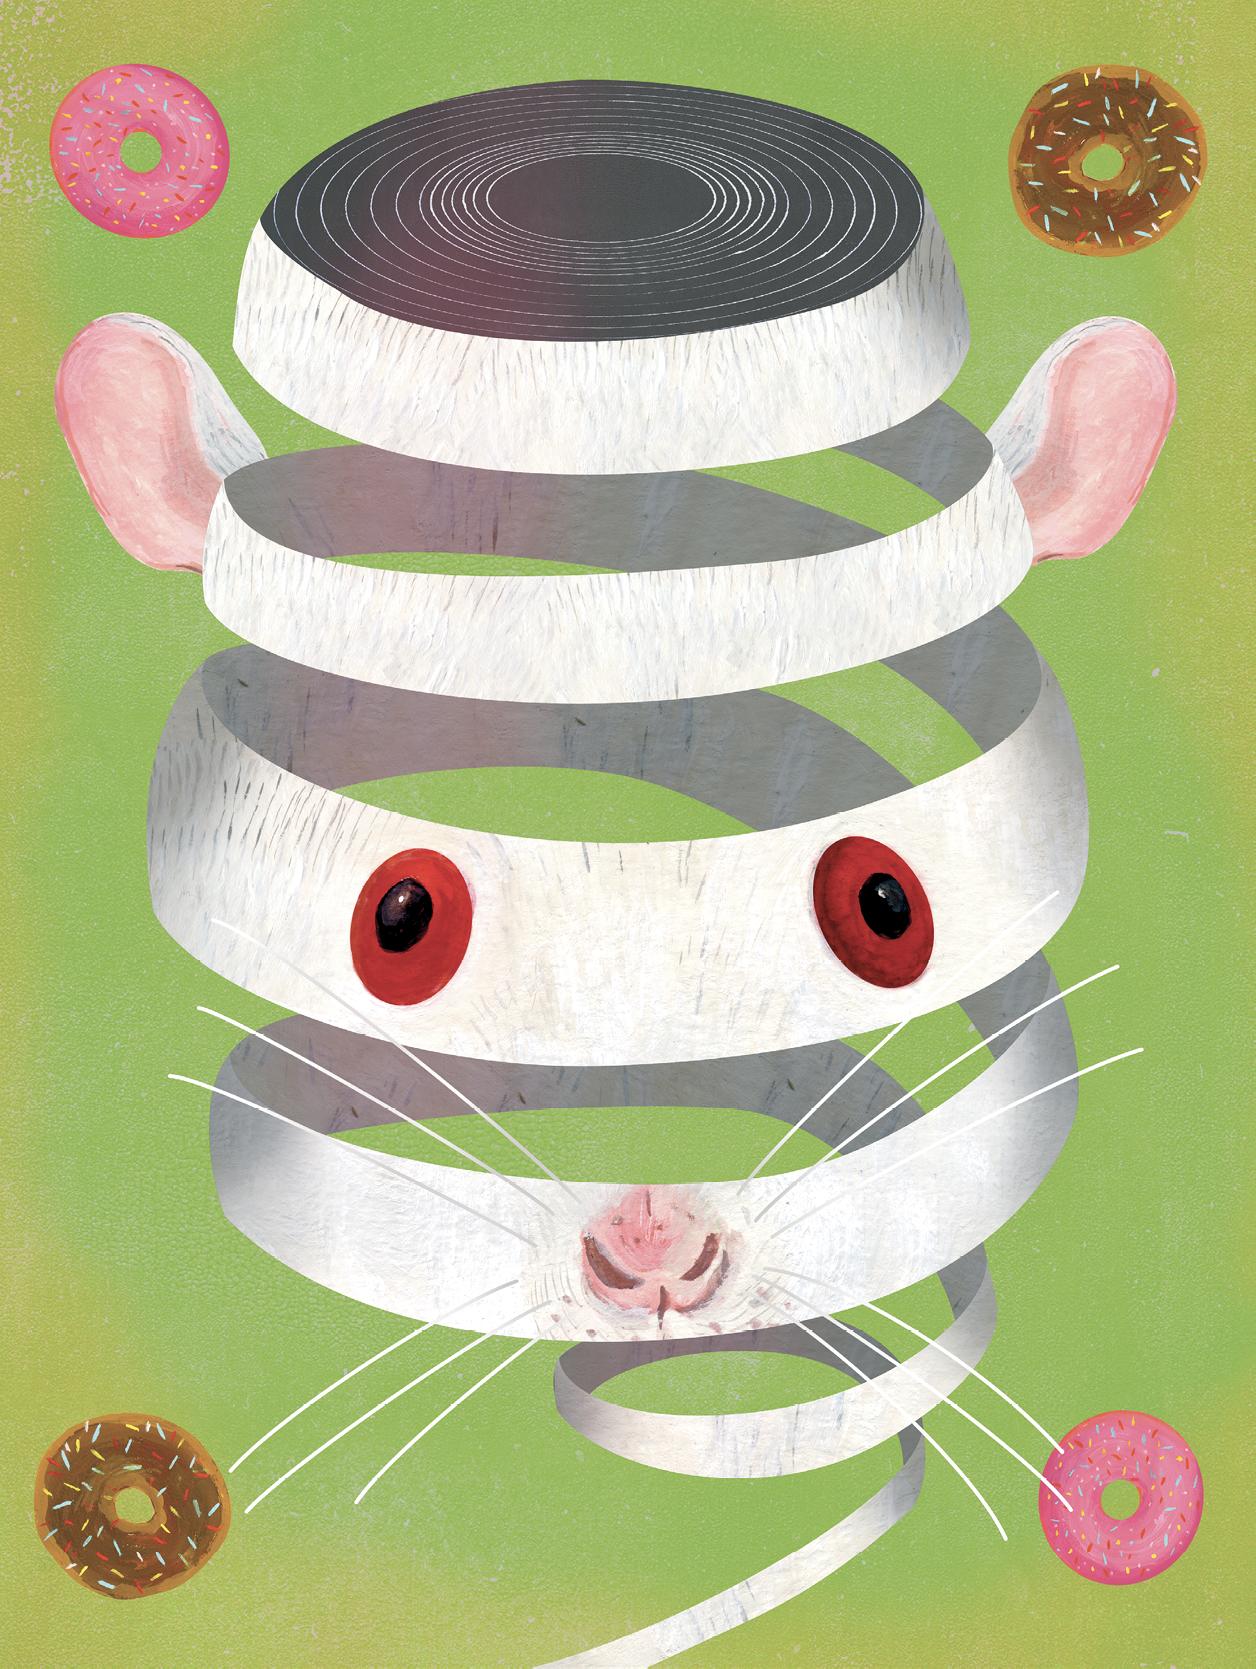 Illustration by Ellen Weinstein